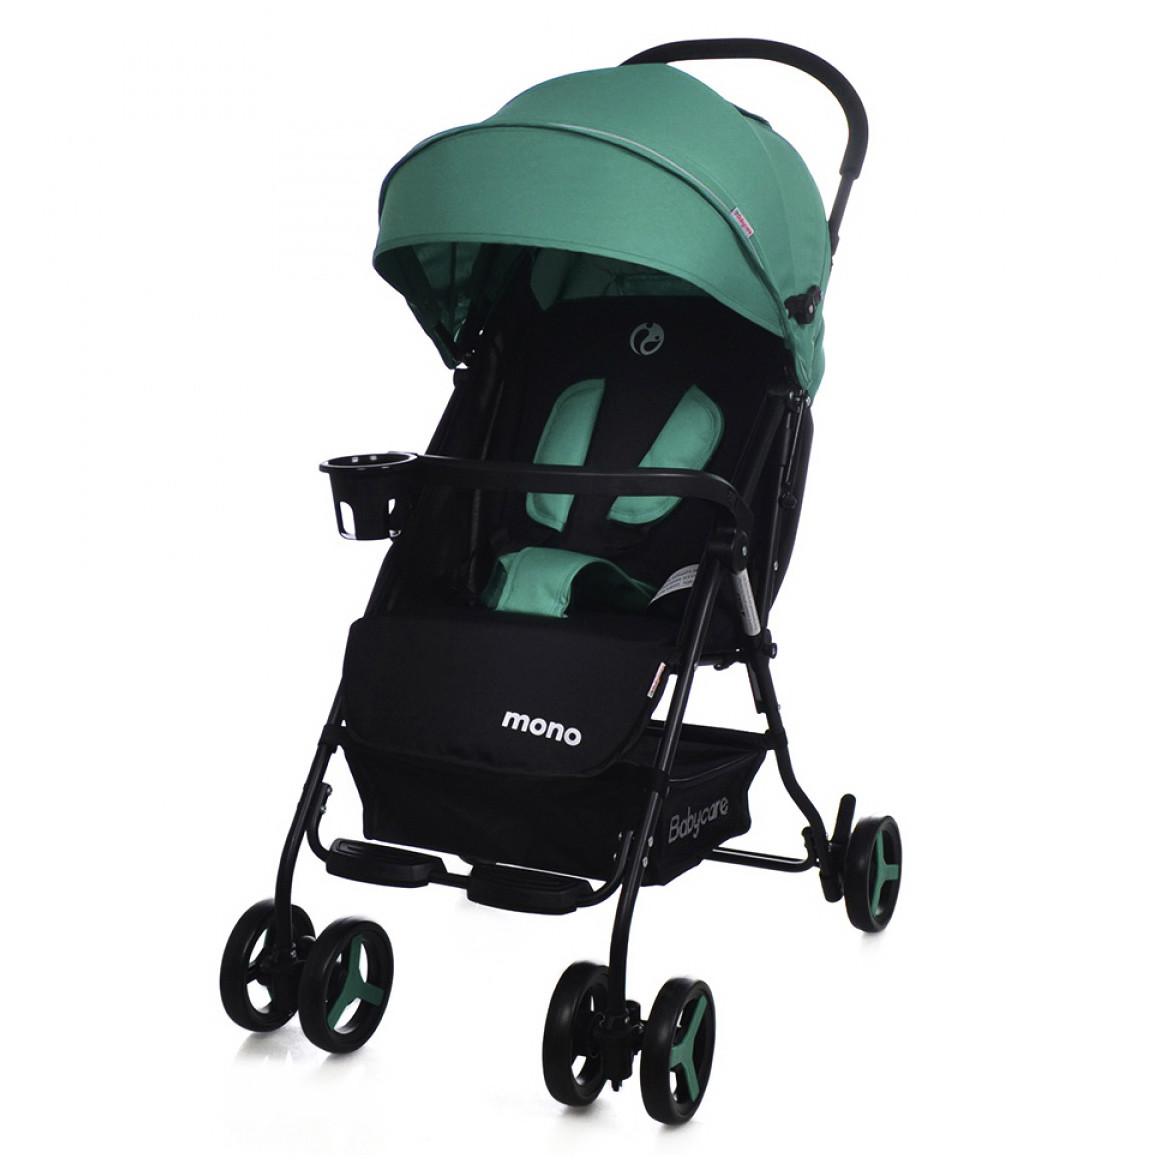 Коляска прогулочная Mono, «Babycare» (BC-1417), цвет Green (зелёный)